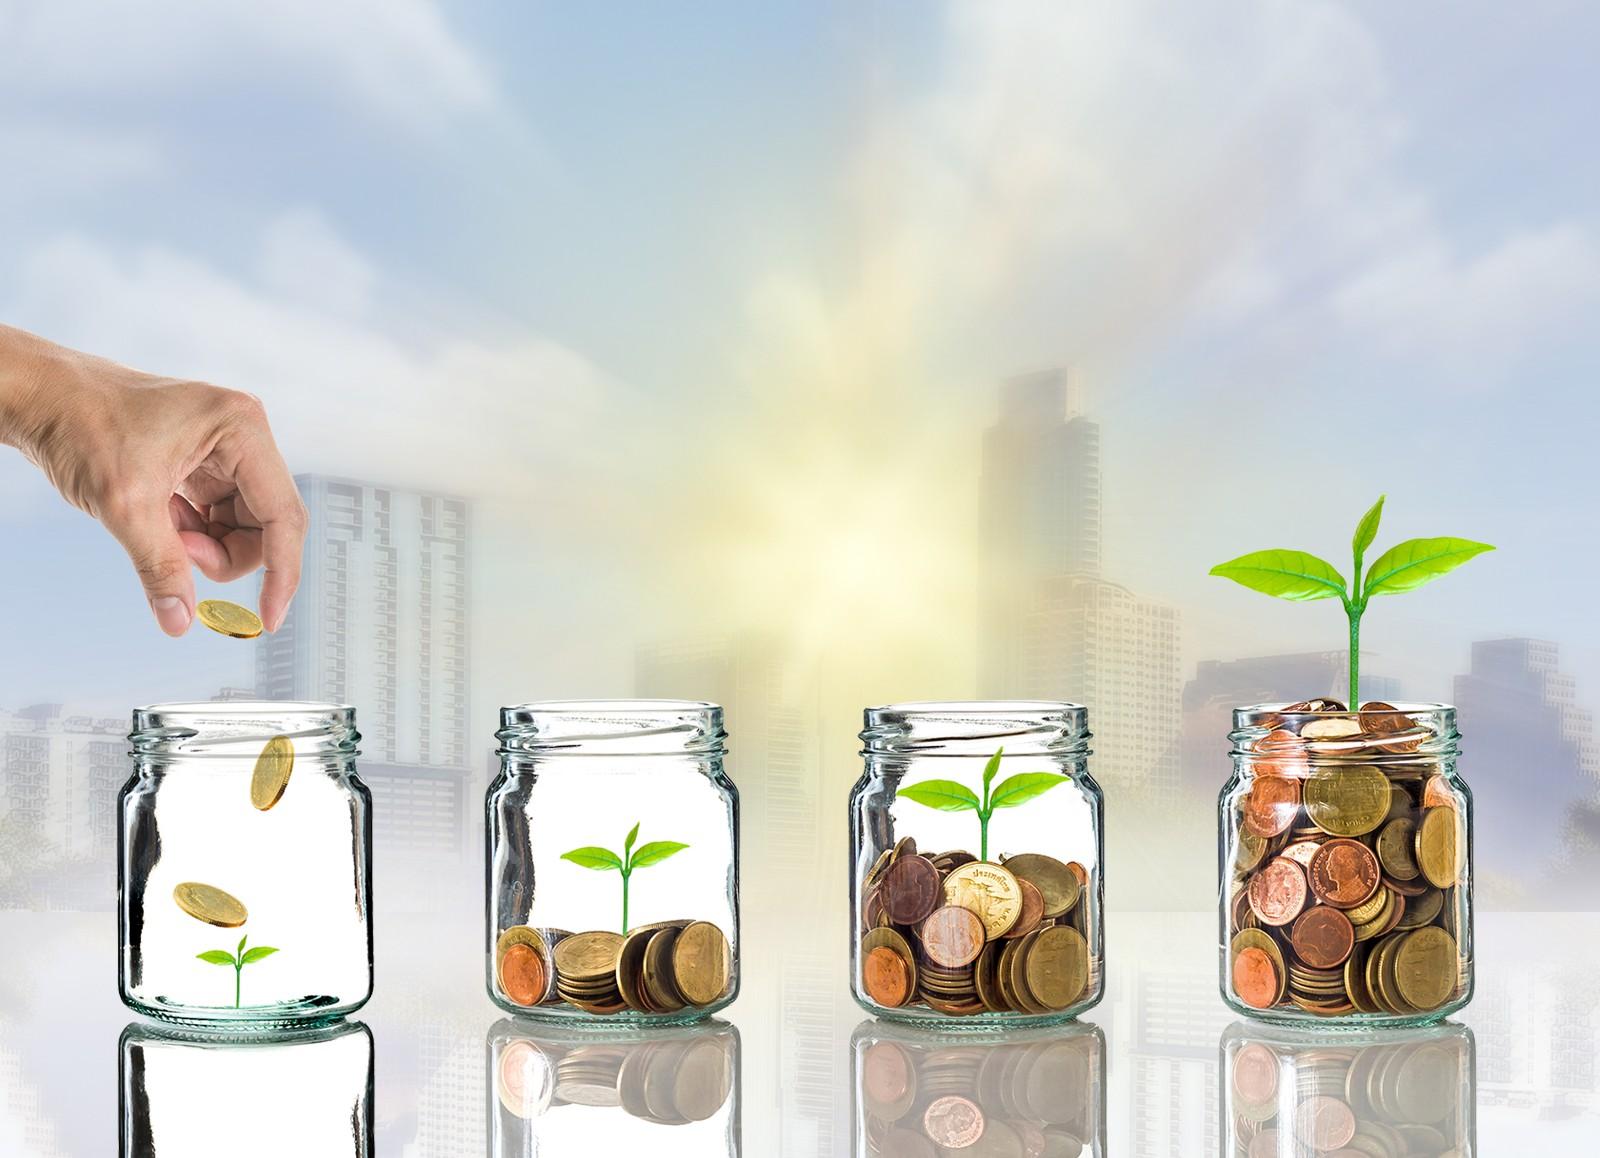 Nghệ Thuật quản lý Tiền bạc-Kỹ năng quản lý tài chính cá nhân - BYTUONG